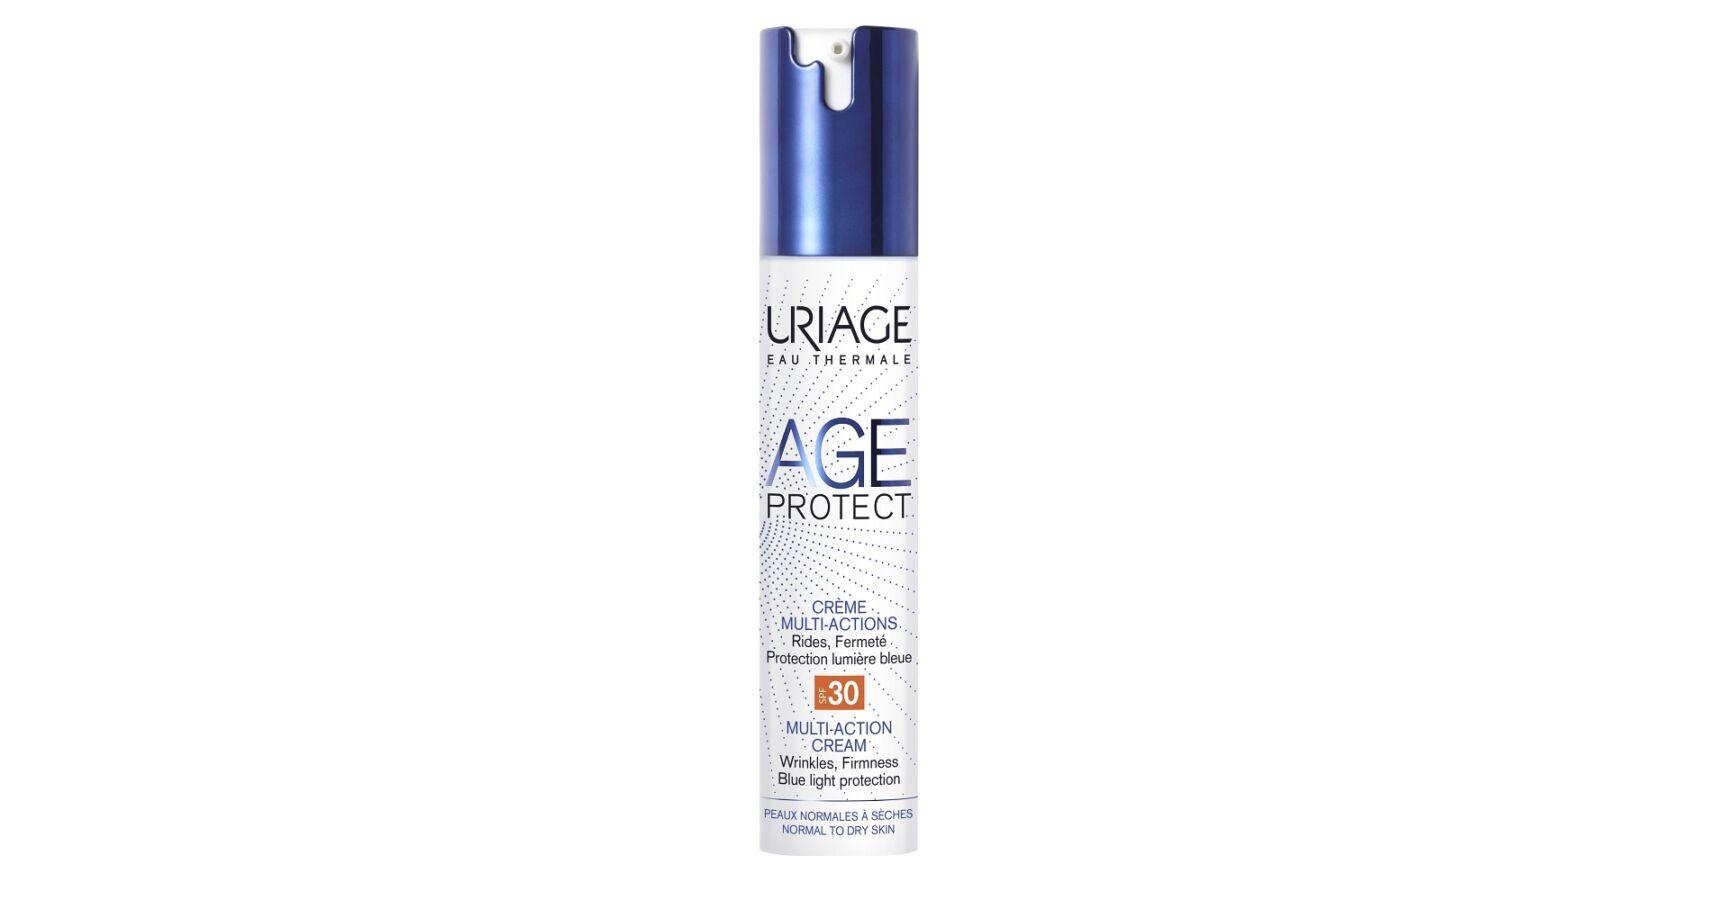 Uriage AGE PROTECT Ránctalanító krém SPF30 - Uriage termékek